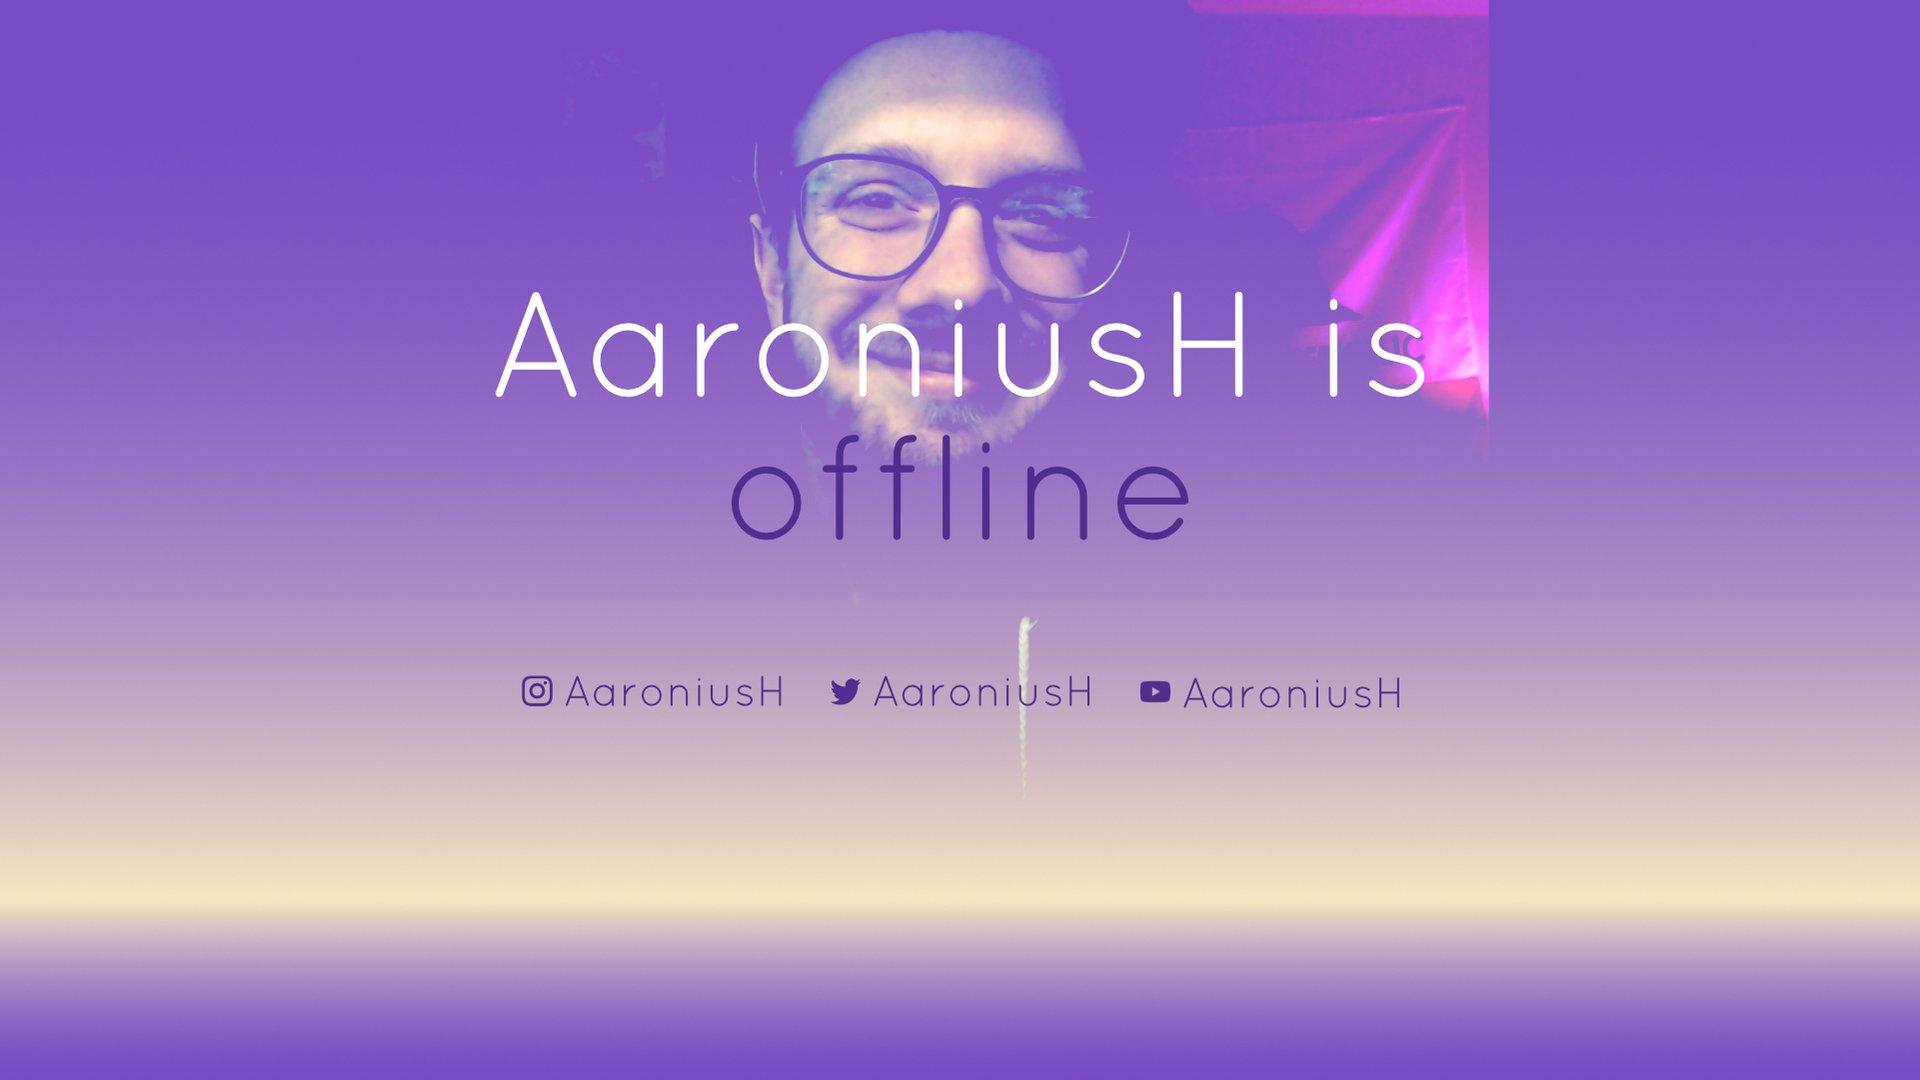 Twitch stream of AaroniusH